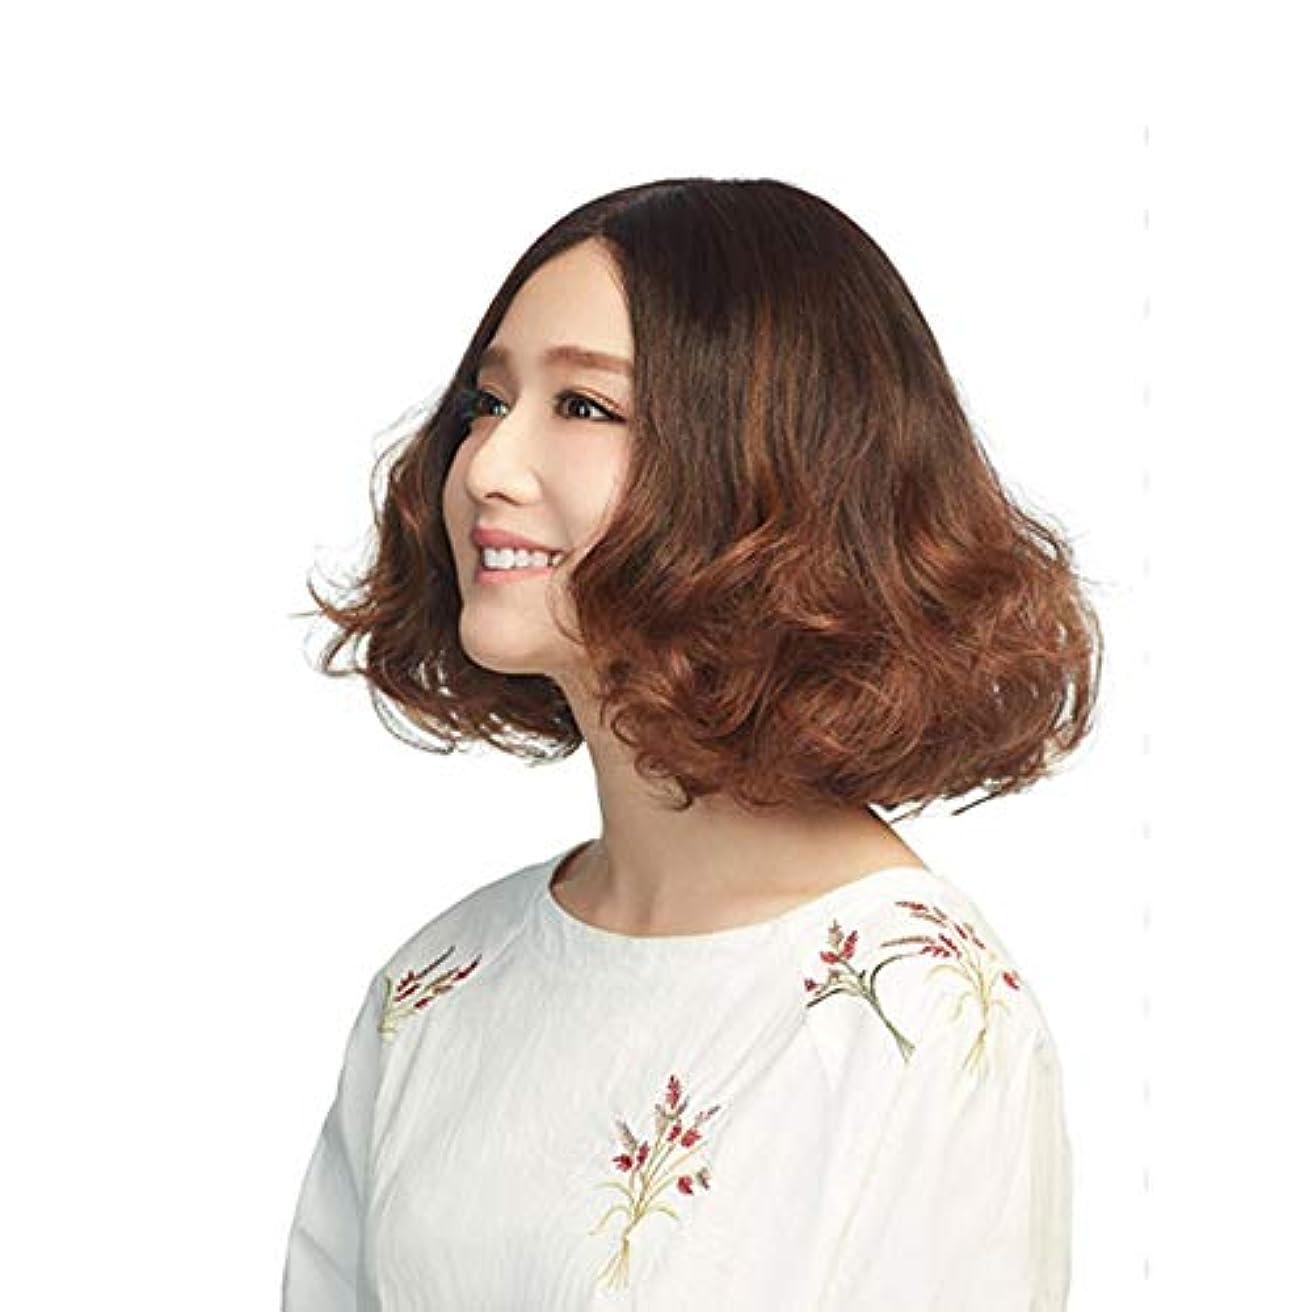 臭い商人実装するYOUQIU 無料キャップウィッグを持つ女性の茶ショートカーリーヘアふわふわ人工毛 (色 : ブラウン)